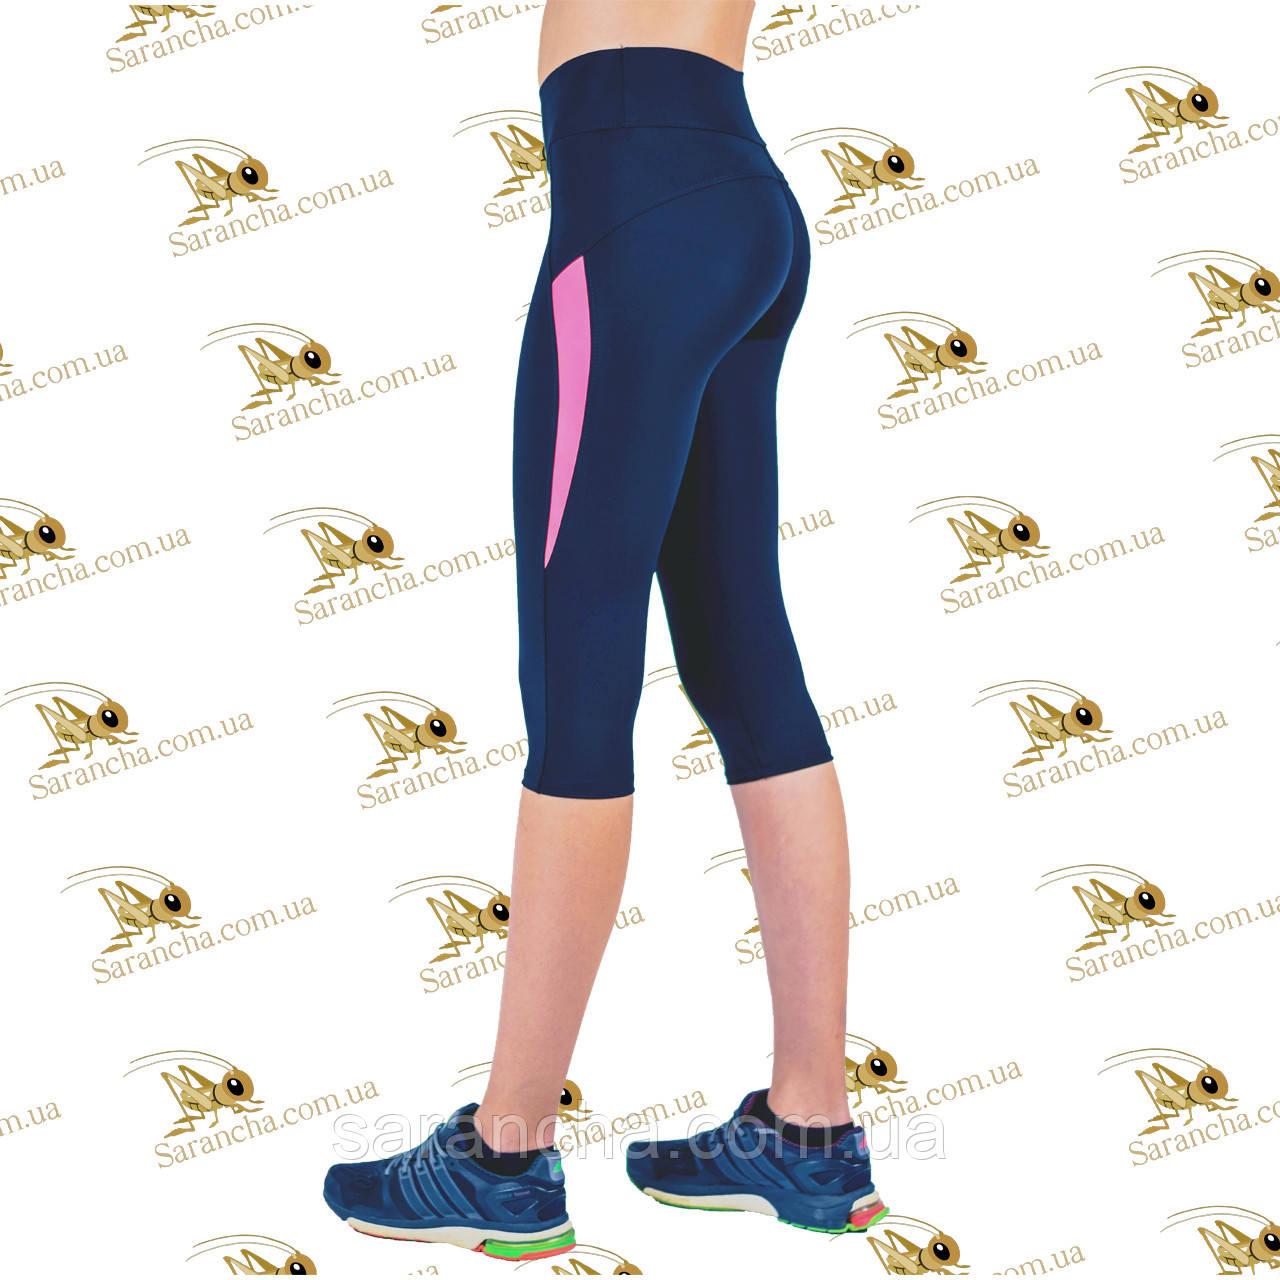 Бриджи для спорта женские синие с розовыми вставками